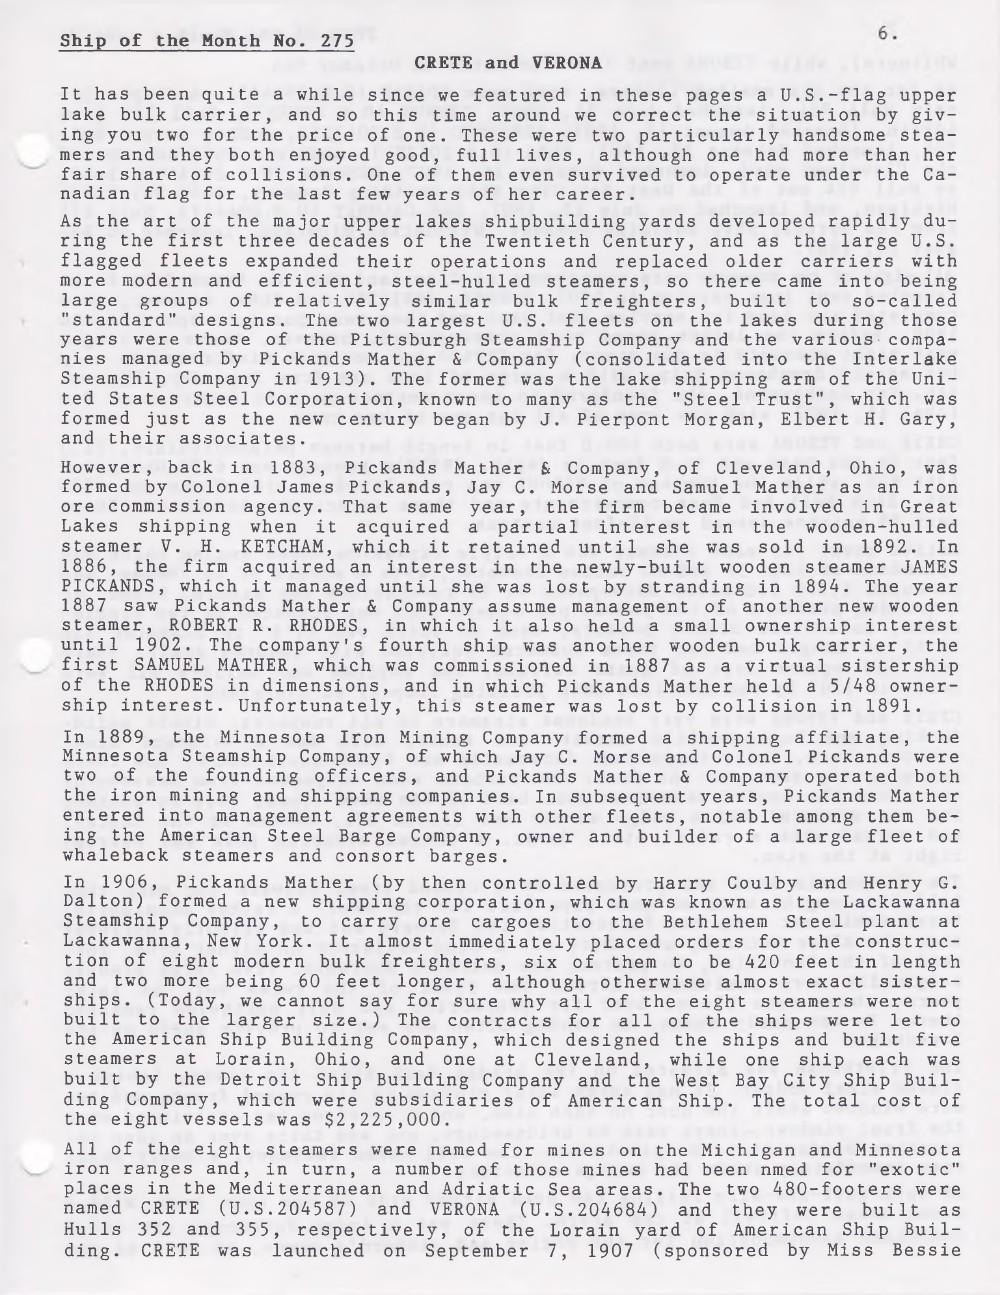 Scanner, v. 35, no. 6 (March 2003)